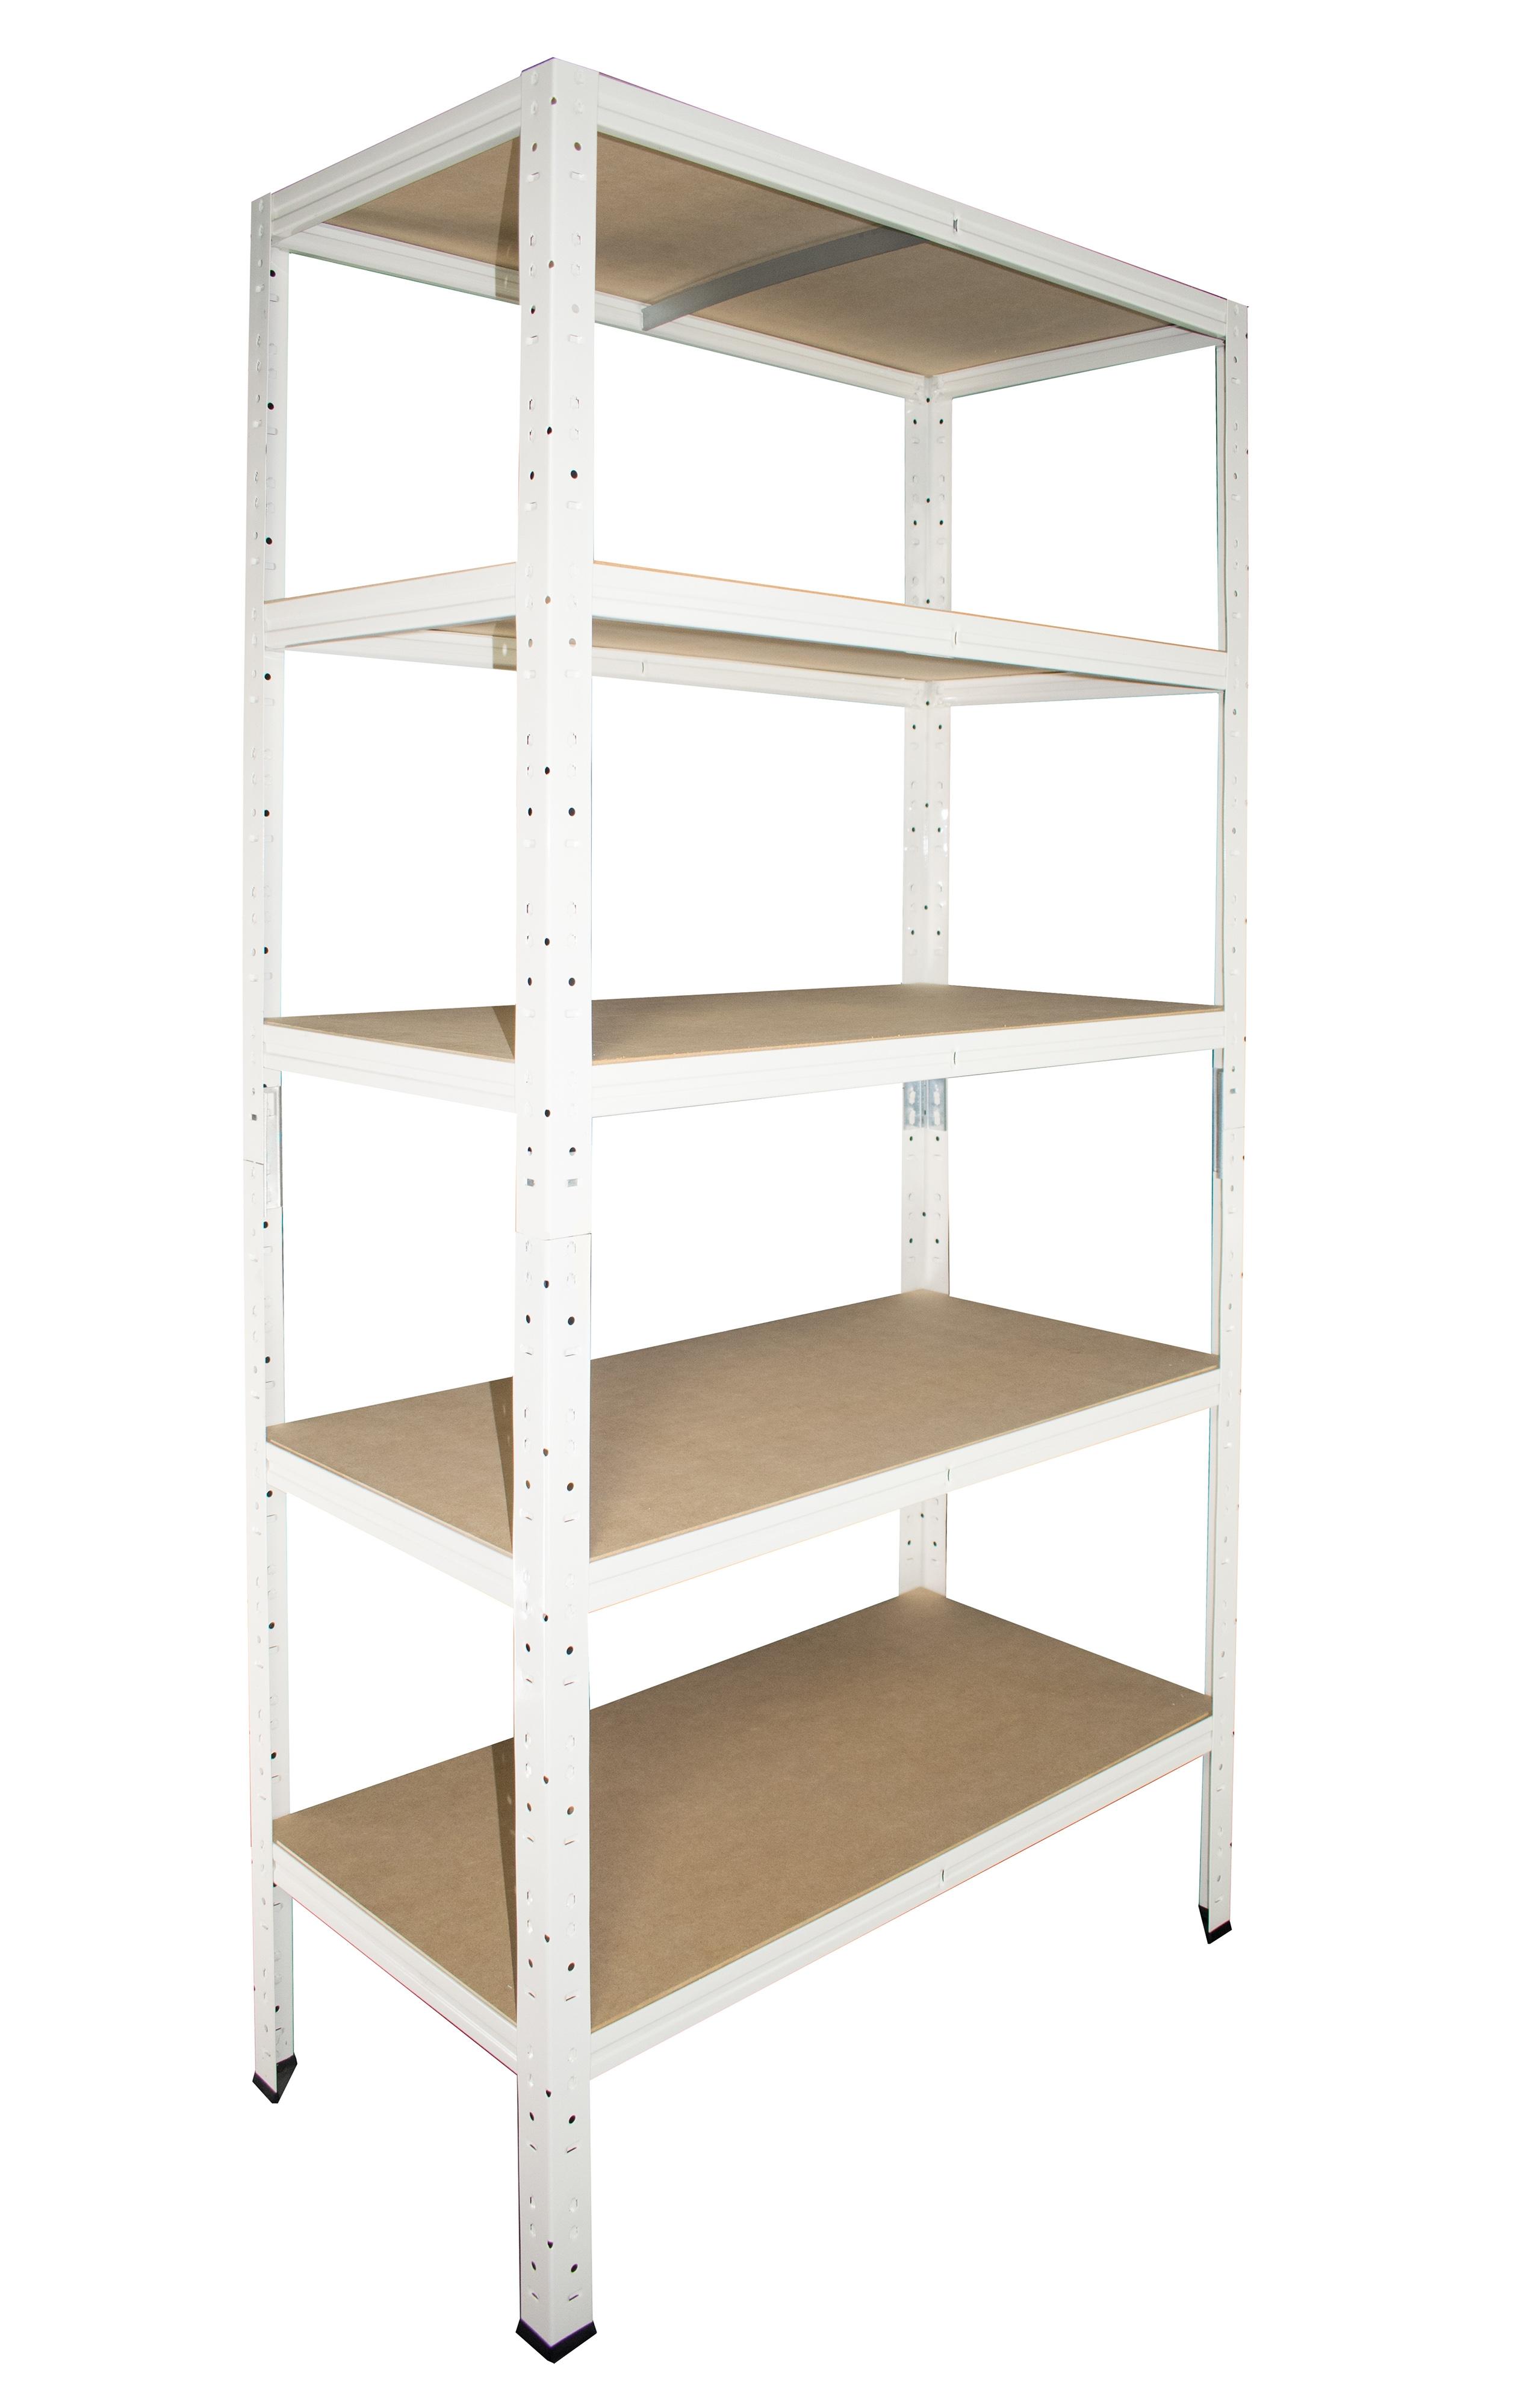 Steckregal Weiß steckregal 200x110x30 cm weiß 5 böden kellerregal lagerregal